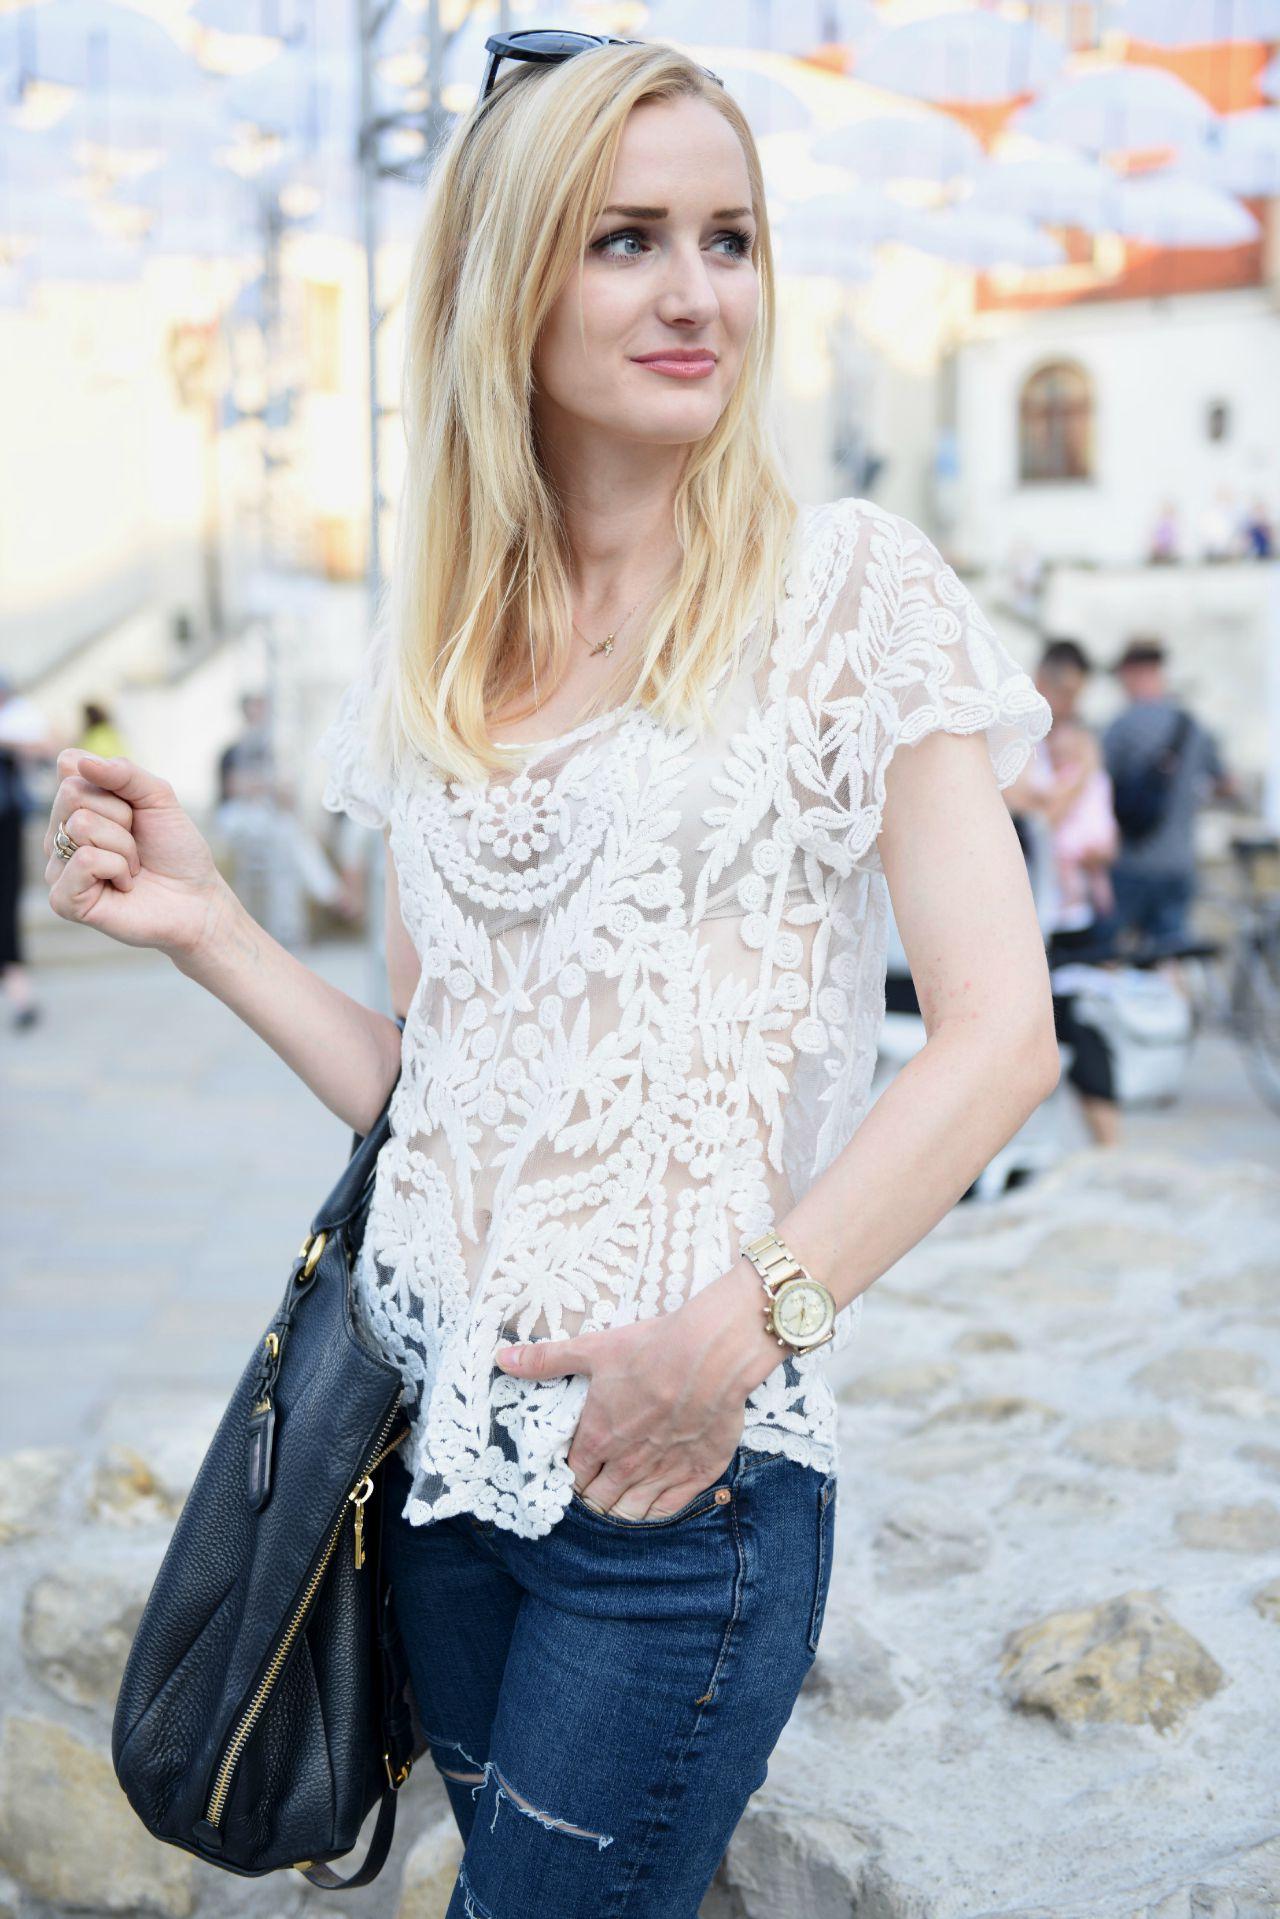 Lublin street fashion